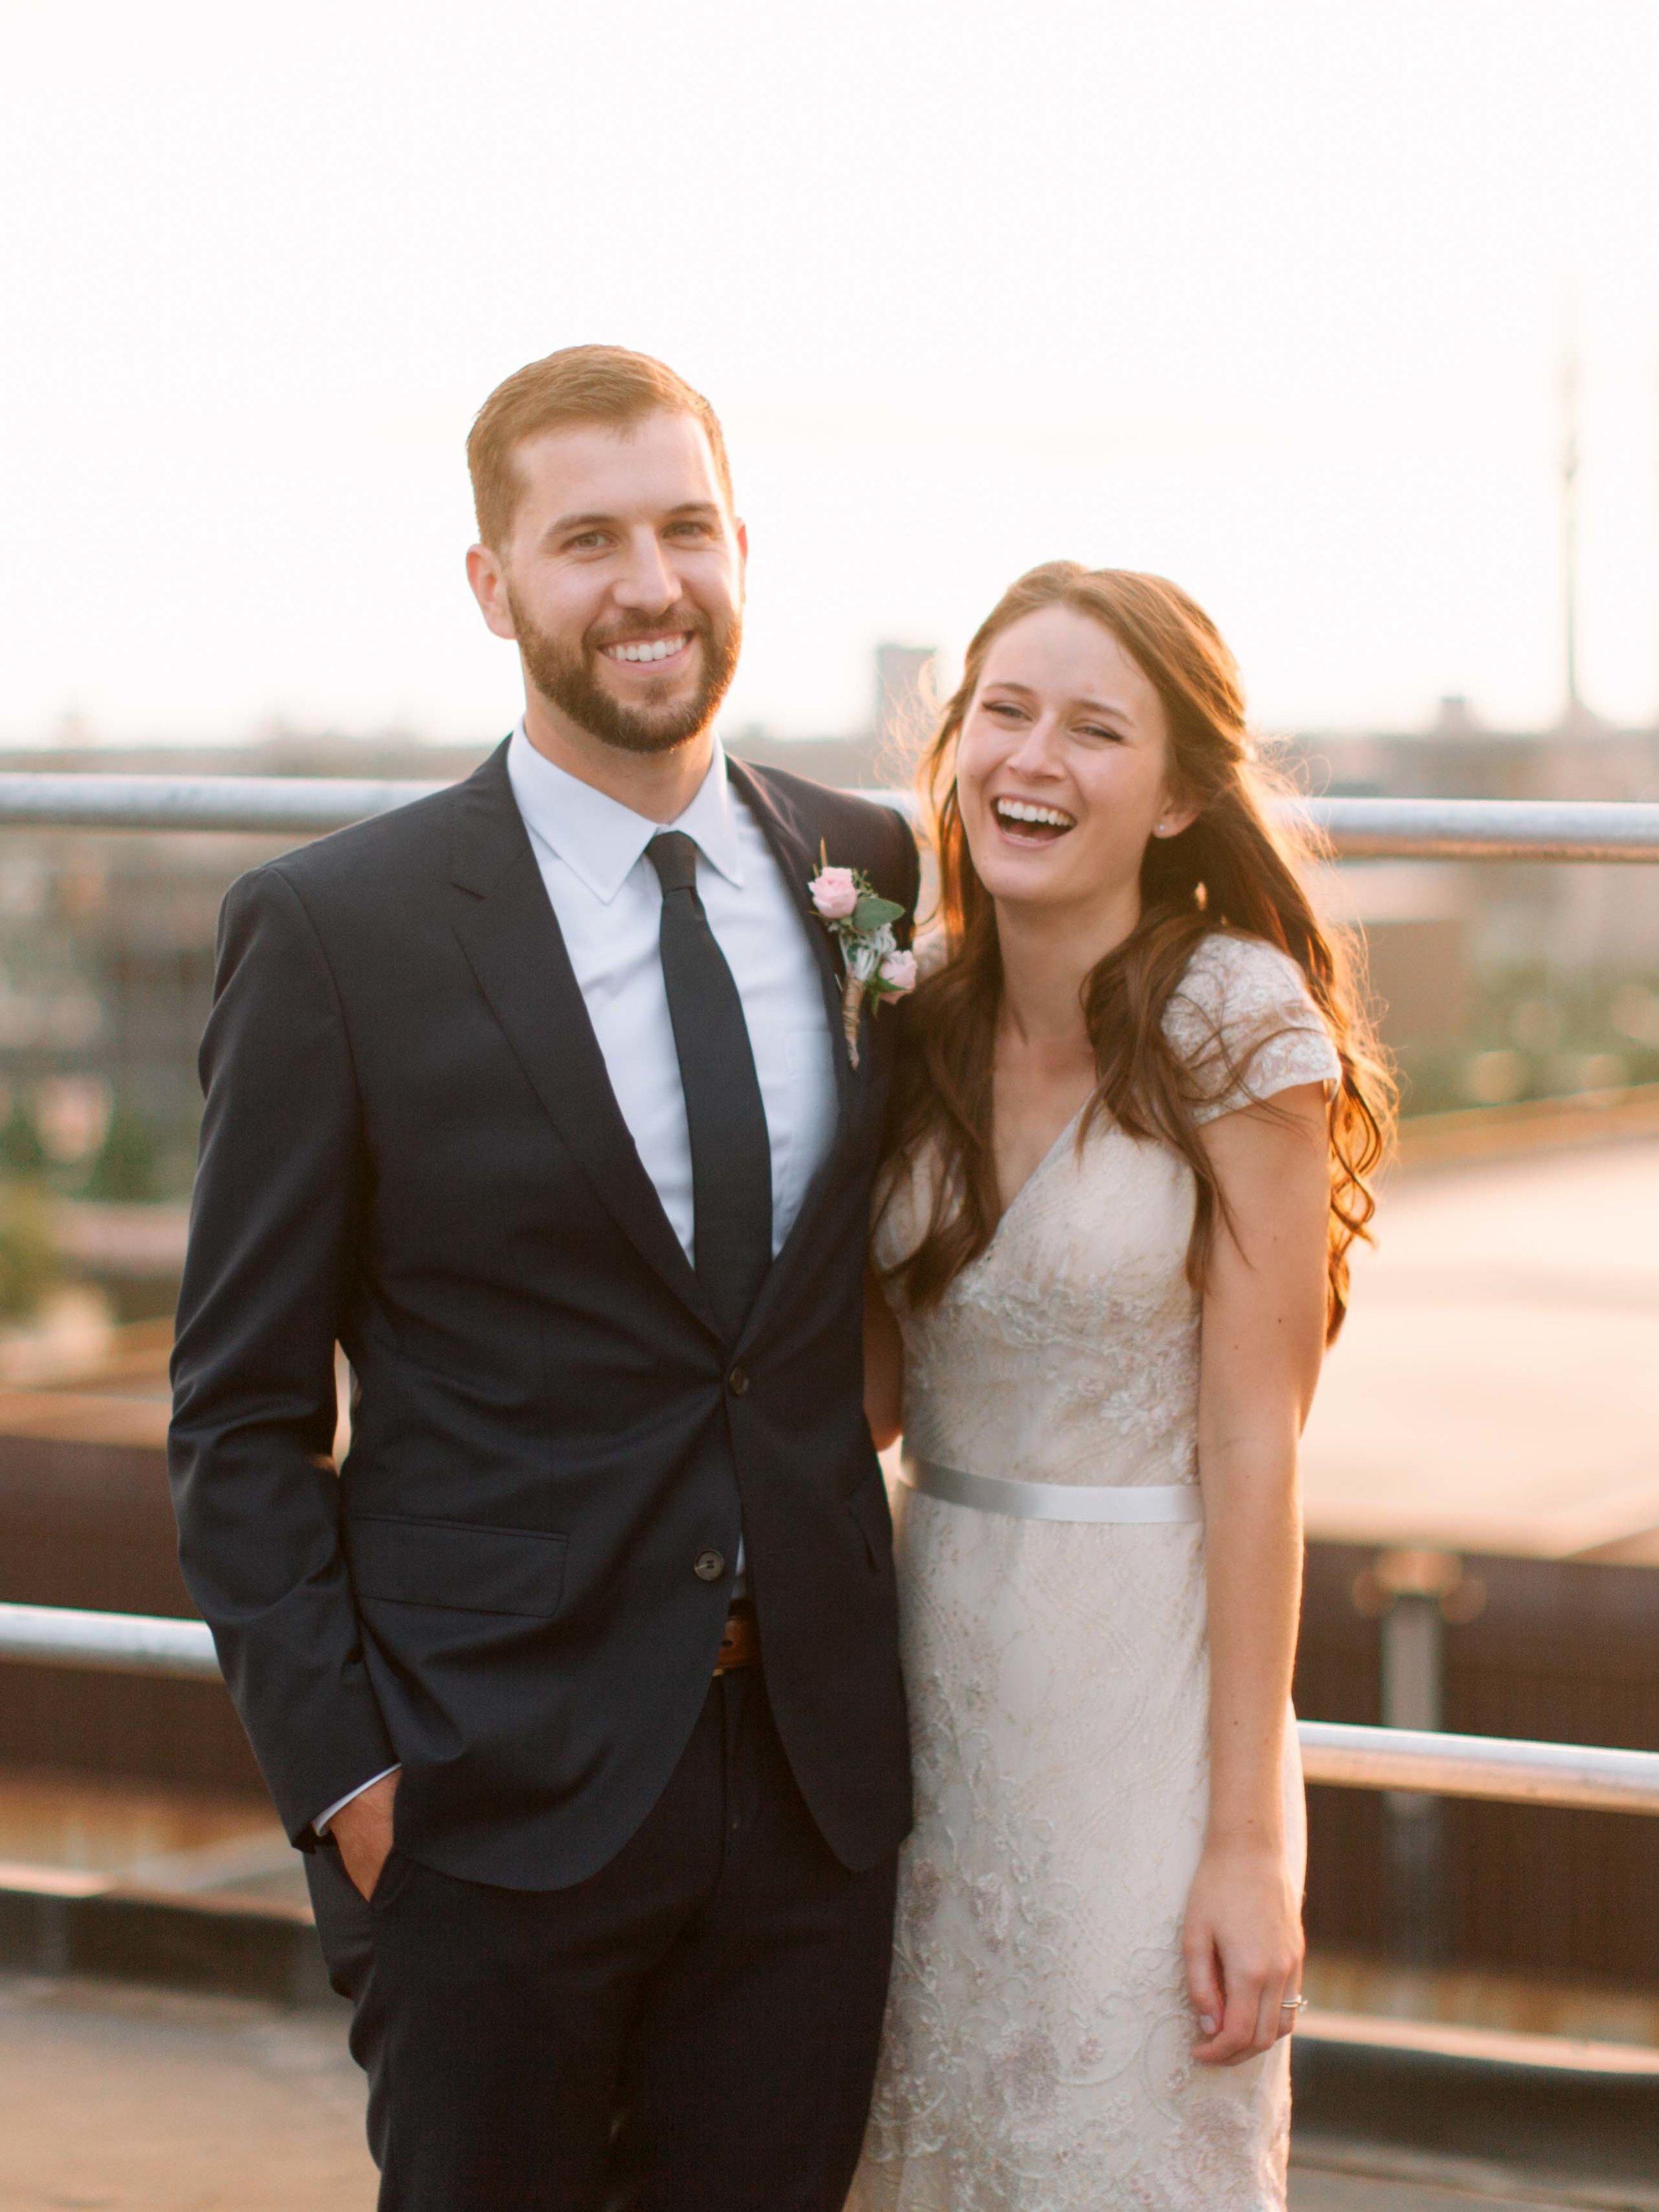 kateweinsteinphoto_clairewillie_wedding-612.jpg